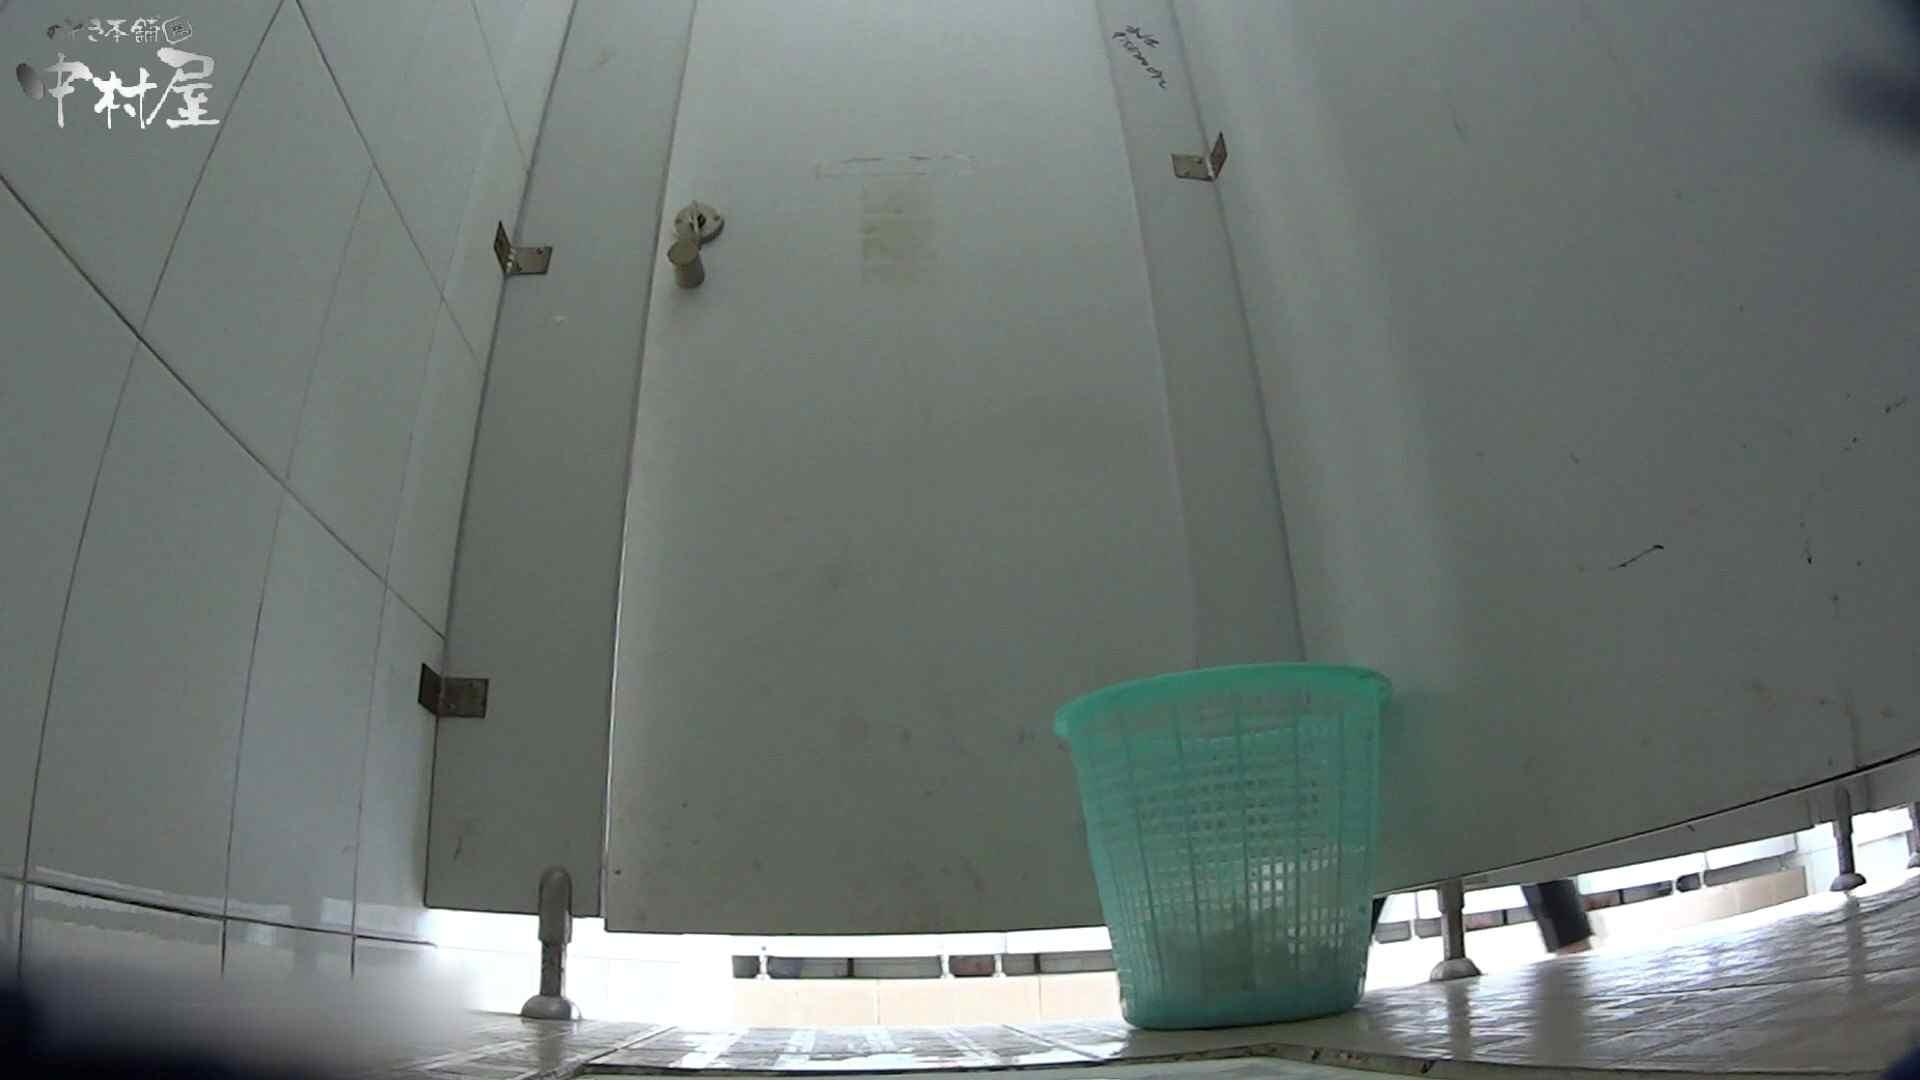 美しい女良たちのトイレ事情 有名大学休憩時間の洗面所事情06 洗面所 オメコ動画キャプチャ 47連発 18